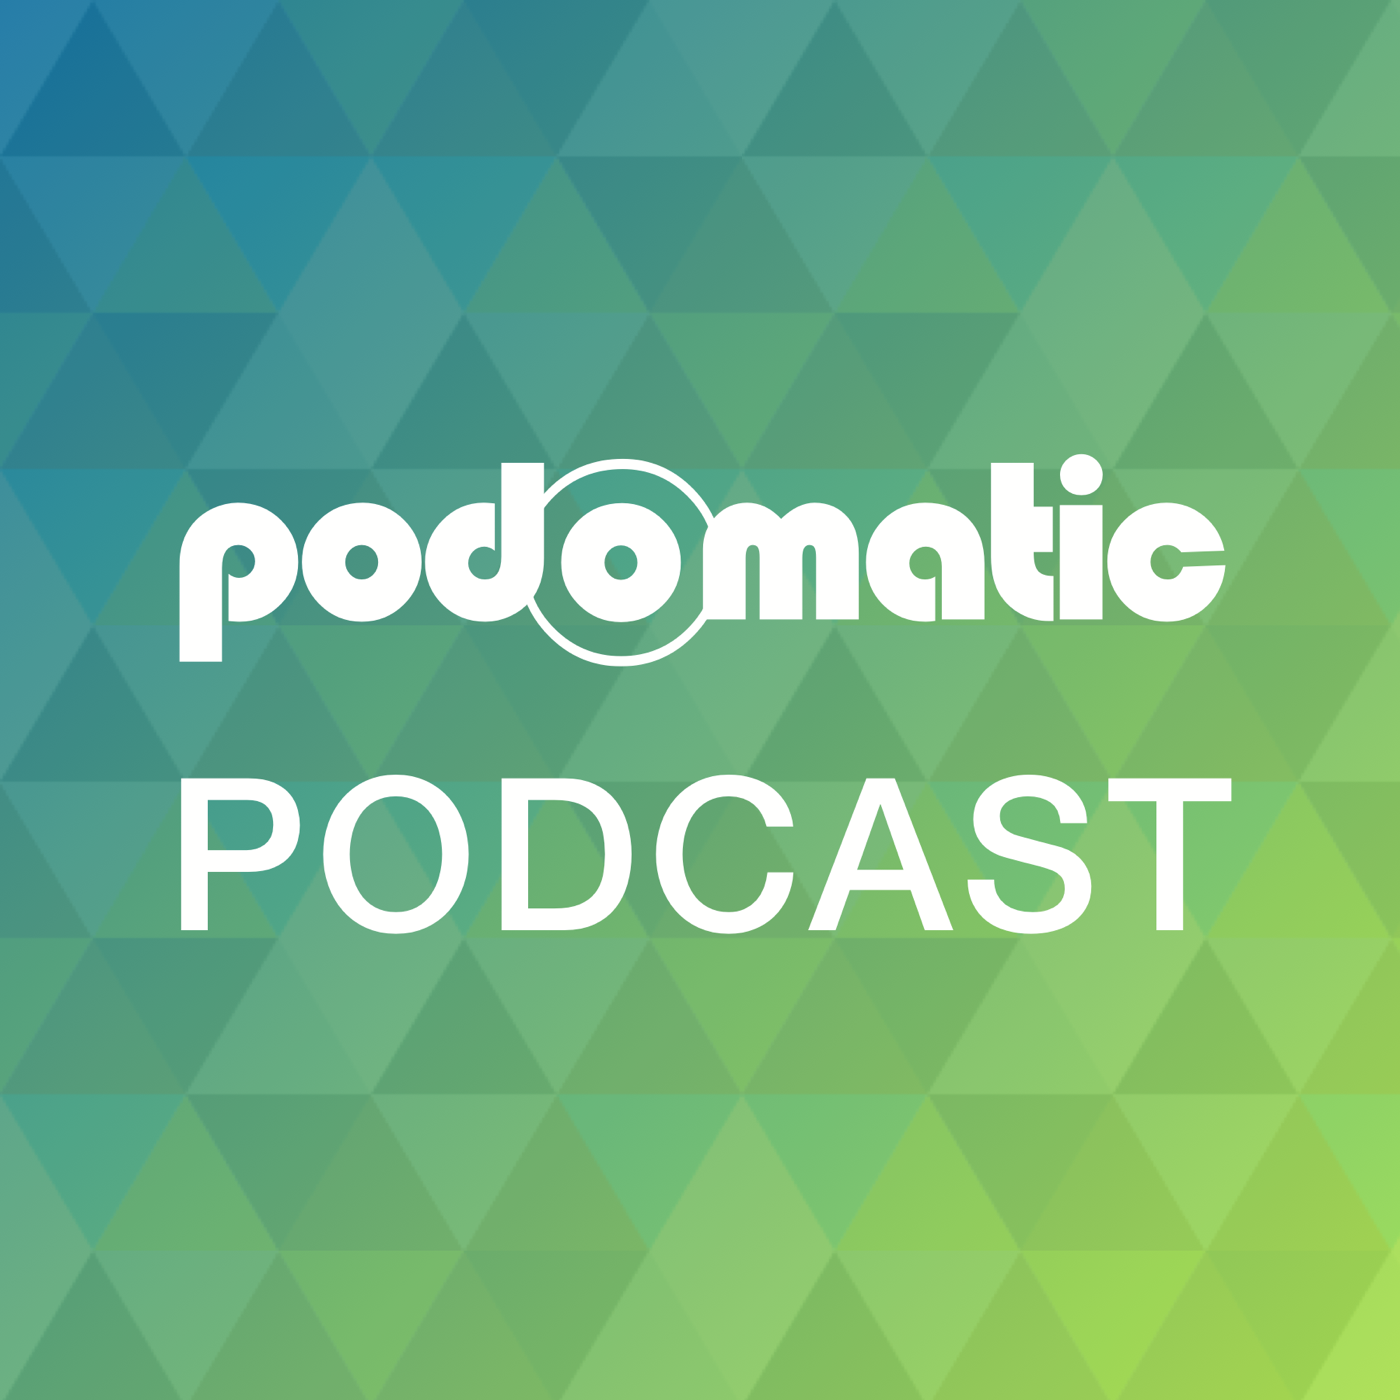 soulfulbeats' Podcast